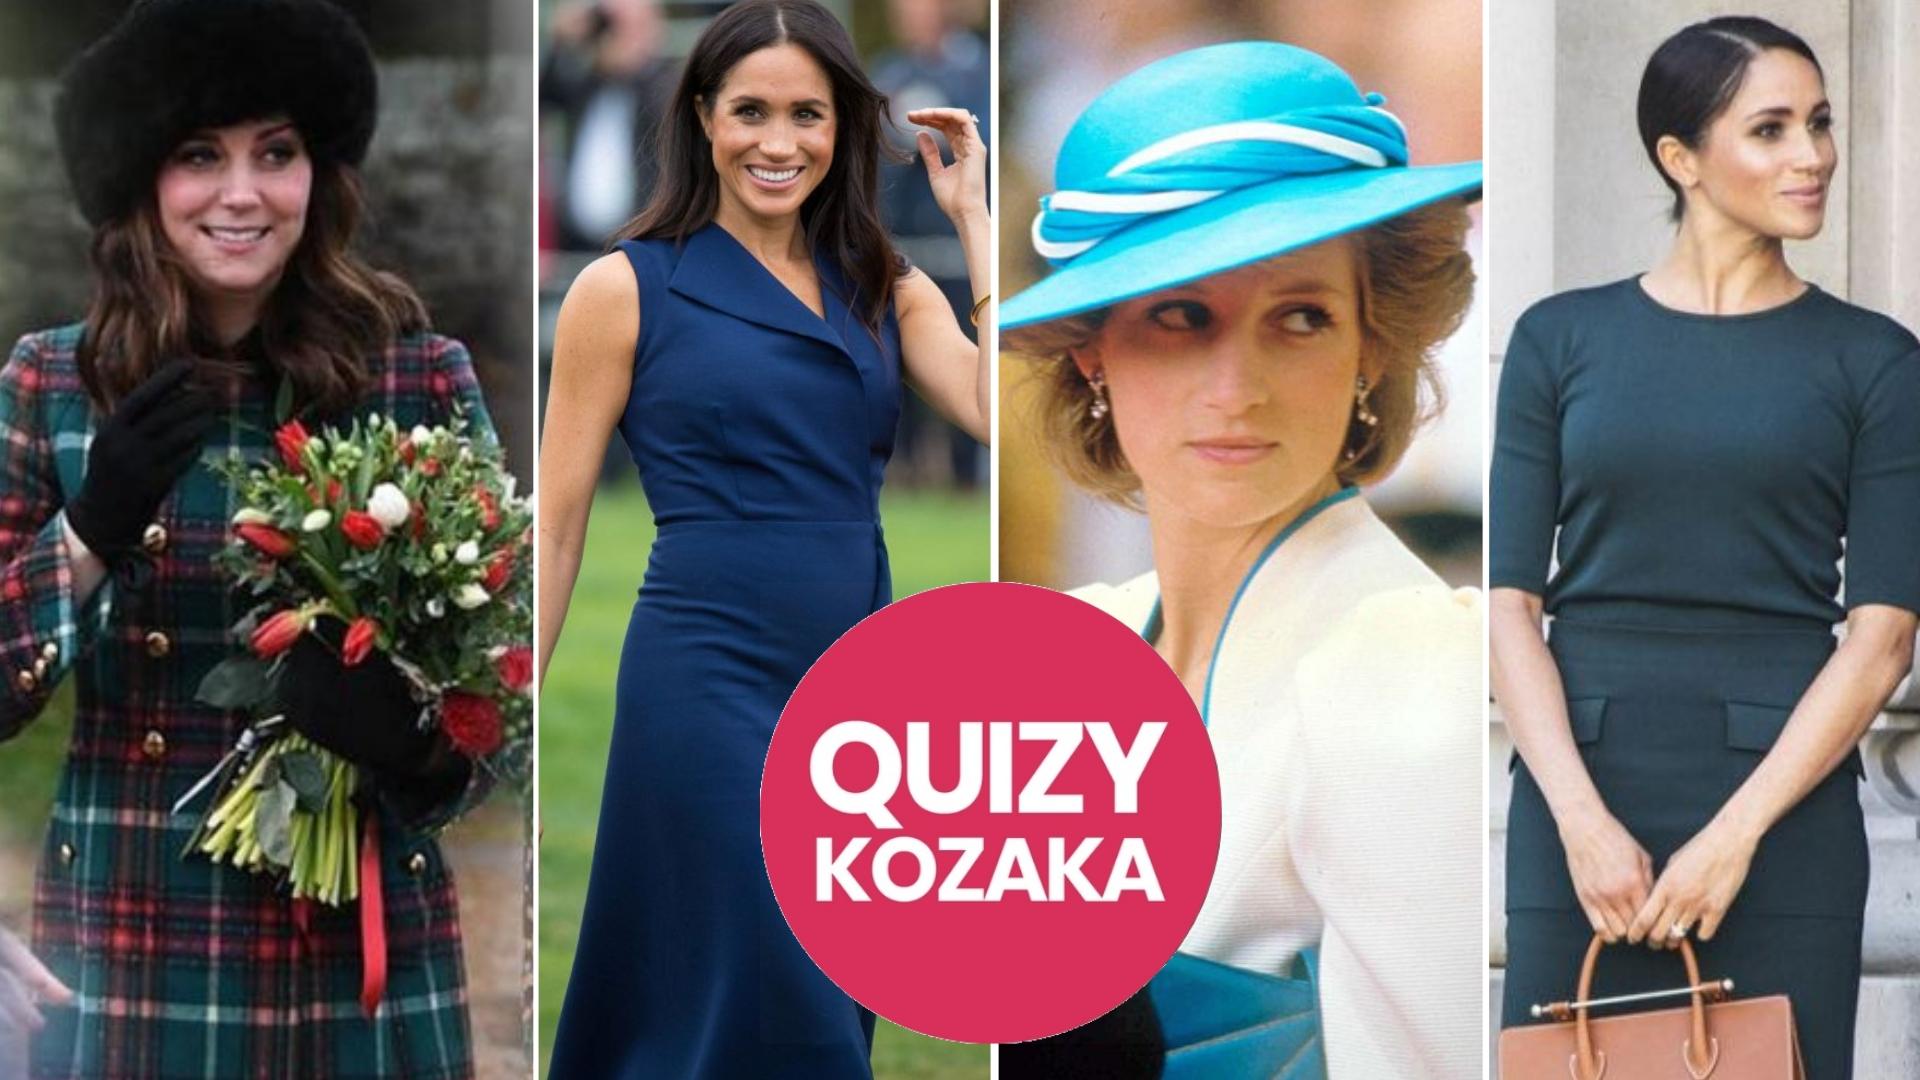 Sprawdź jaką byłabyś księżną. Dałabyś radę przeżyć w Pałacu Buckingham?